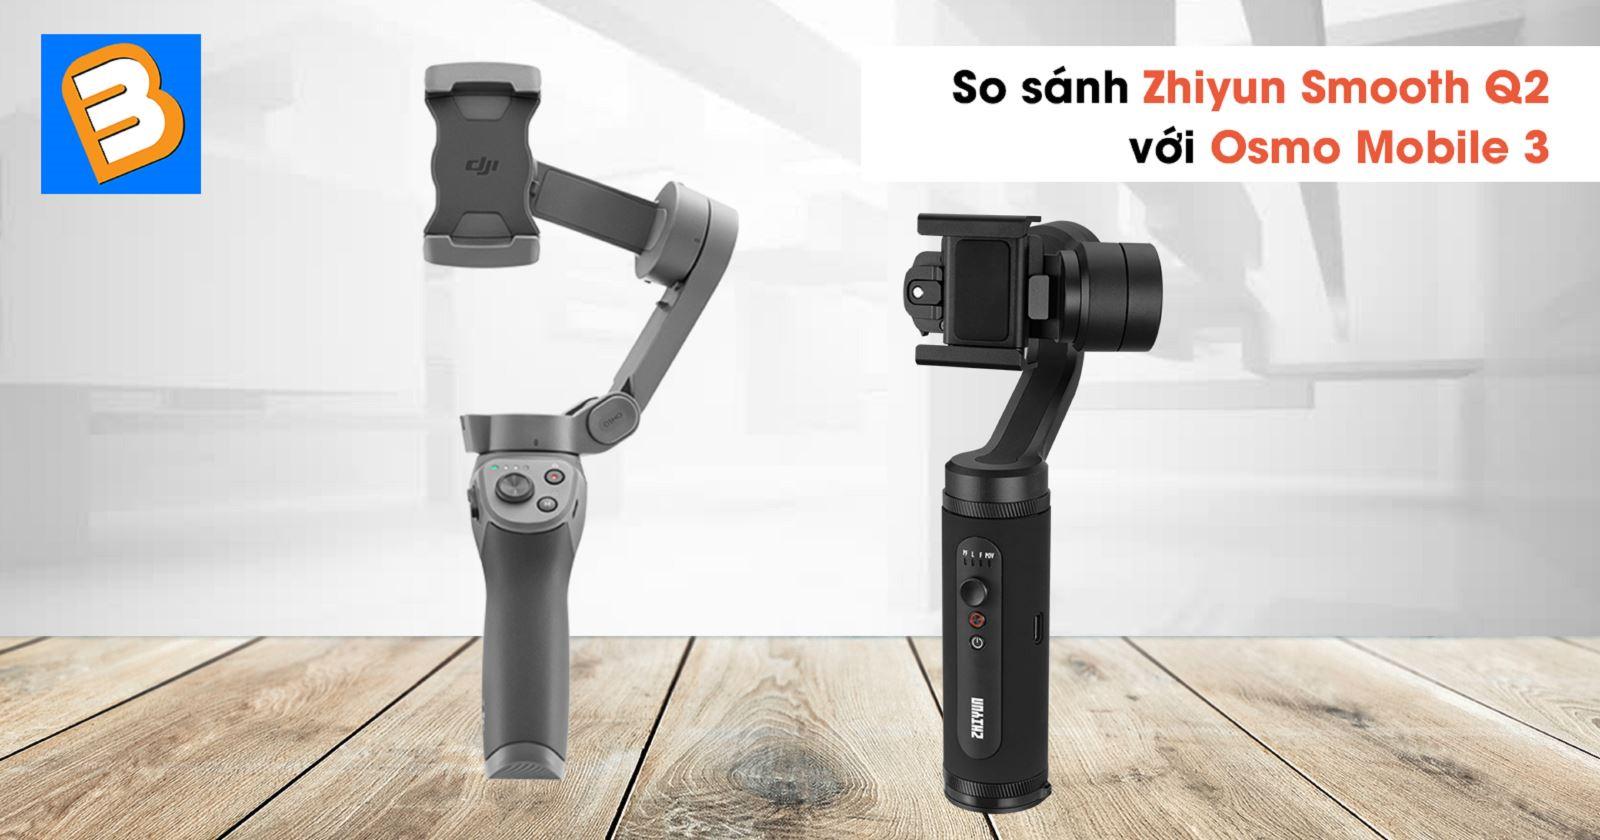 So sánh Zhiyun Smooth Q2 và Osmo Mobile 3